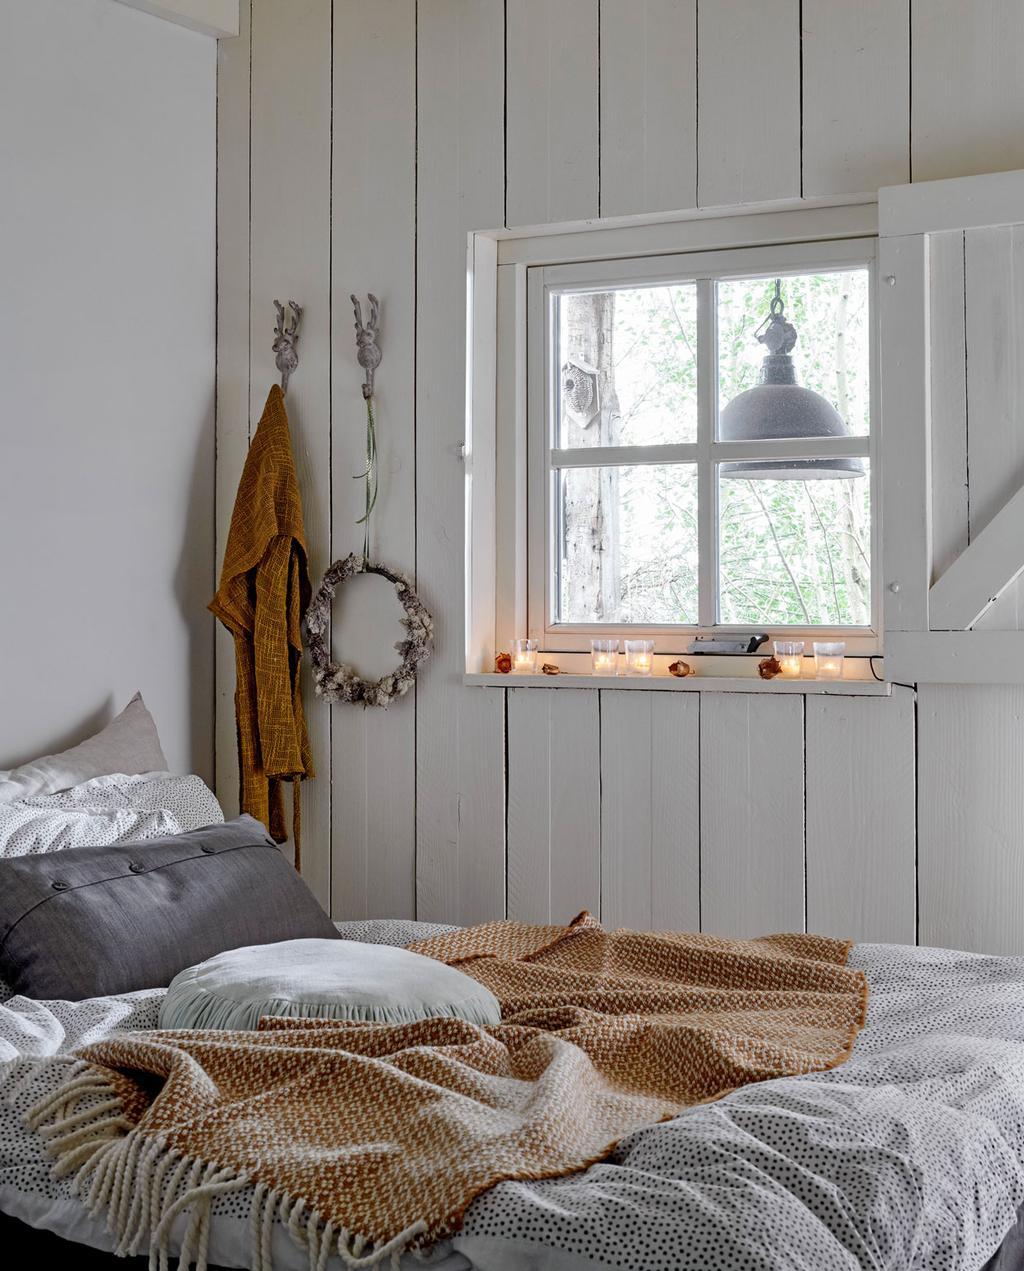 vtwonen 12-2019 | Binnenkijken in een boerderij in Aalten slaapkamer wit hout